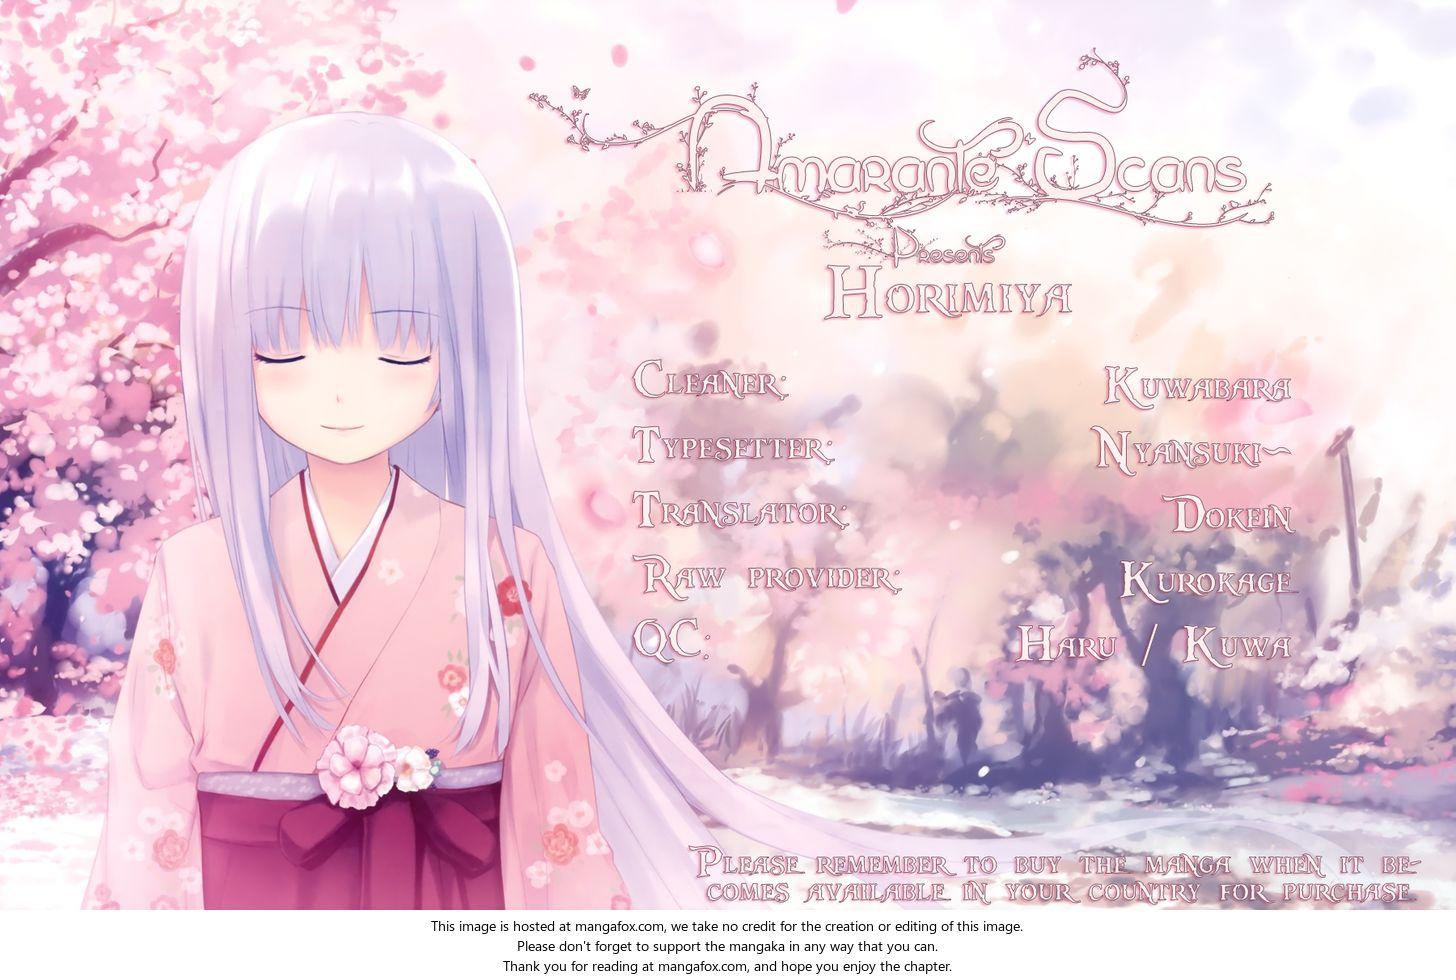 Horimiya 25: Can't Say at MangaFox